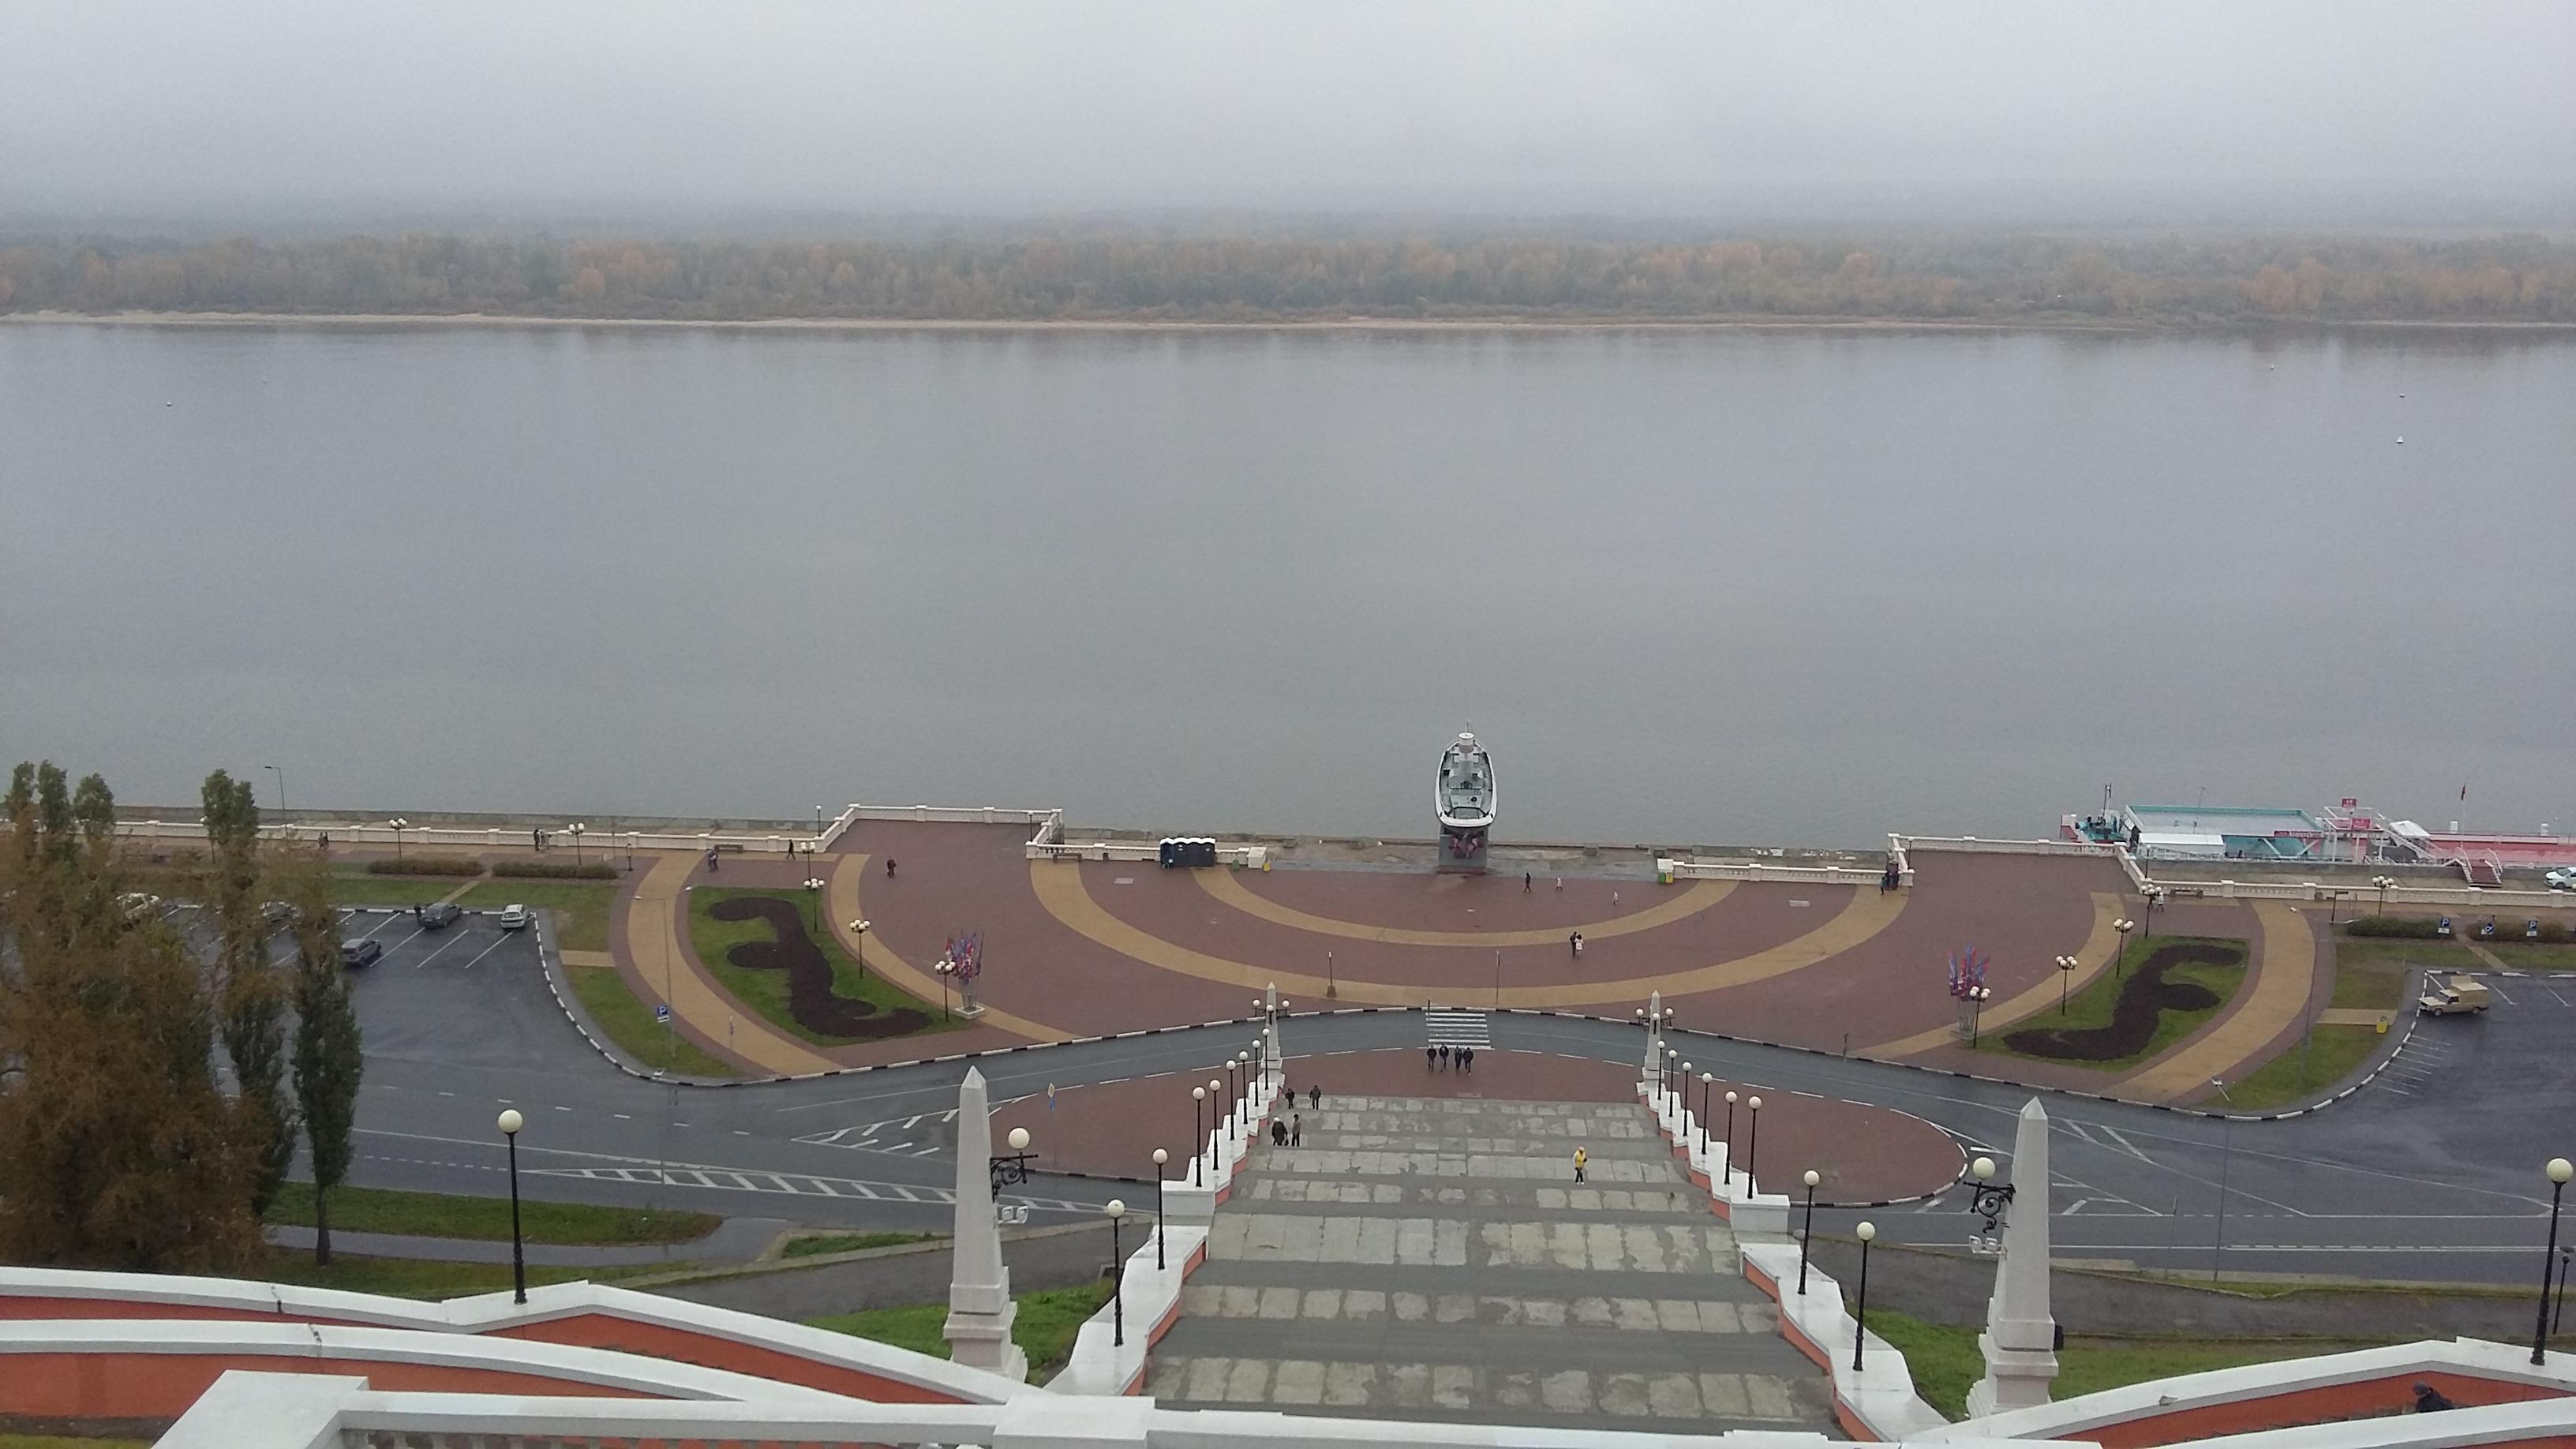 Нижний Новгород Чкаловская лестница